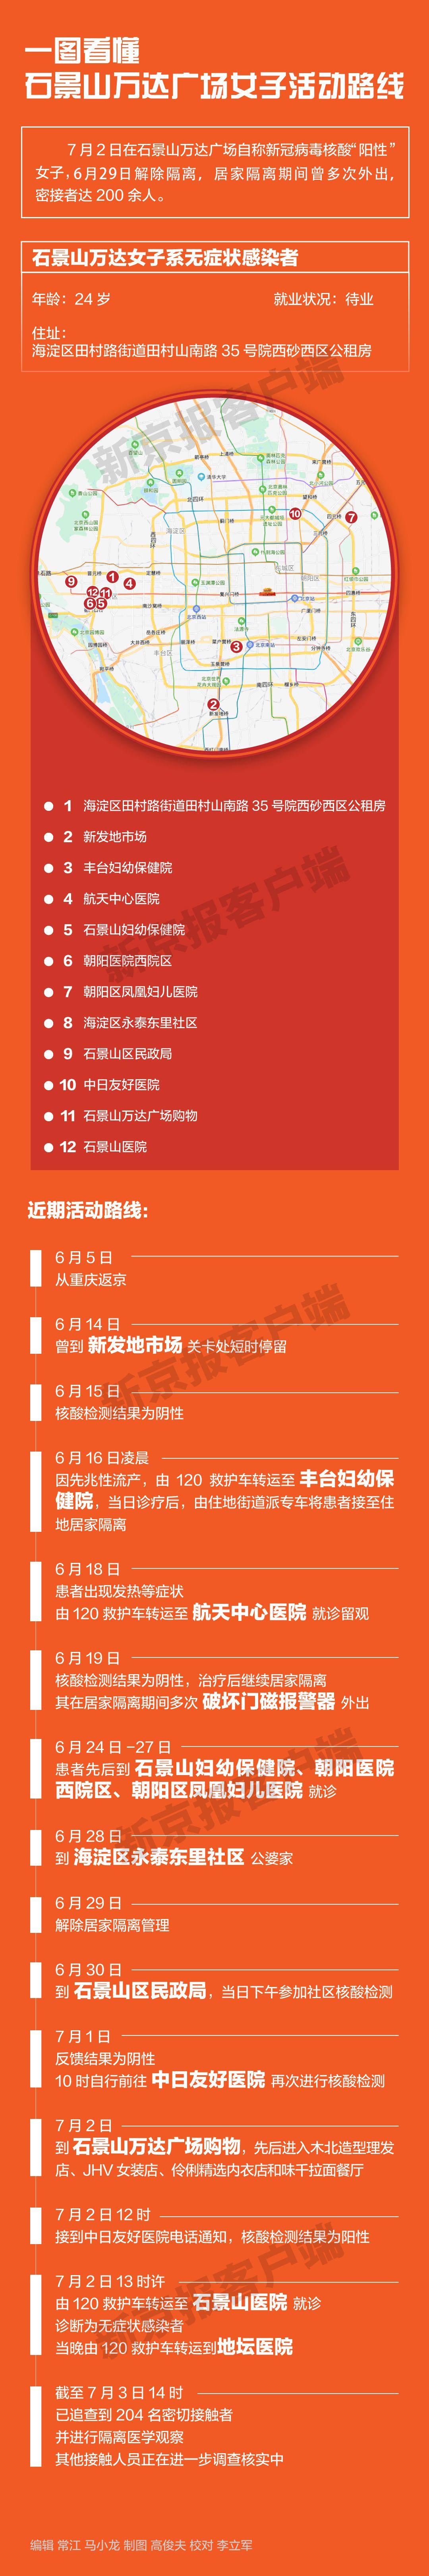 [高德平台]一高德平台图看懂北京石景山万达图片